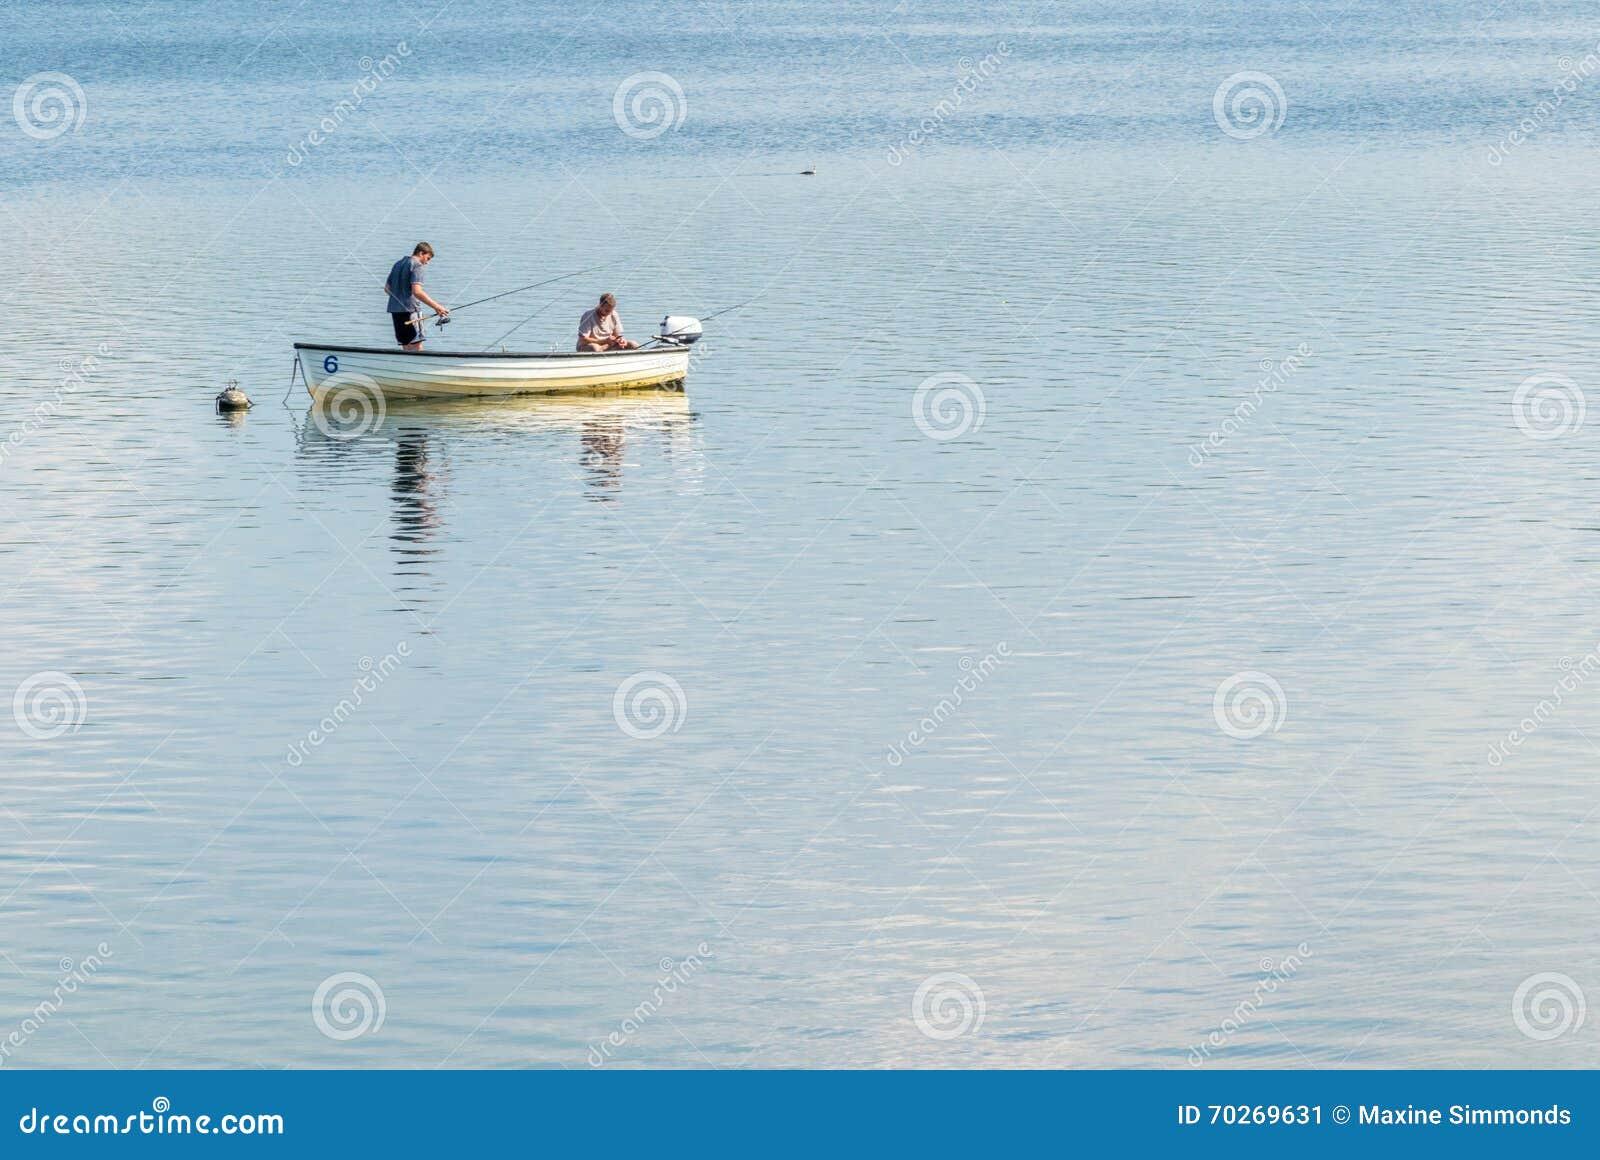 P che de truite dans un petit bateau photo ditorial for Dans un petit bateau